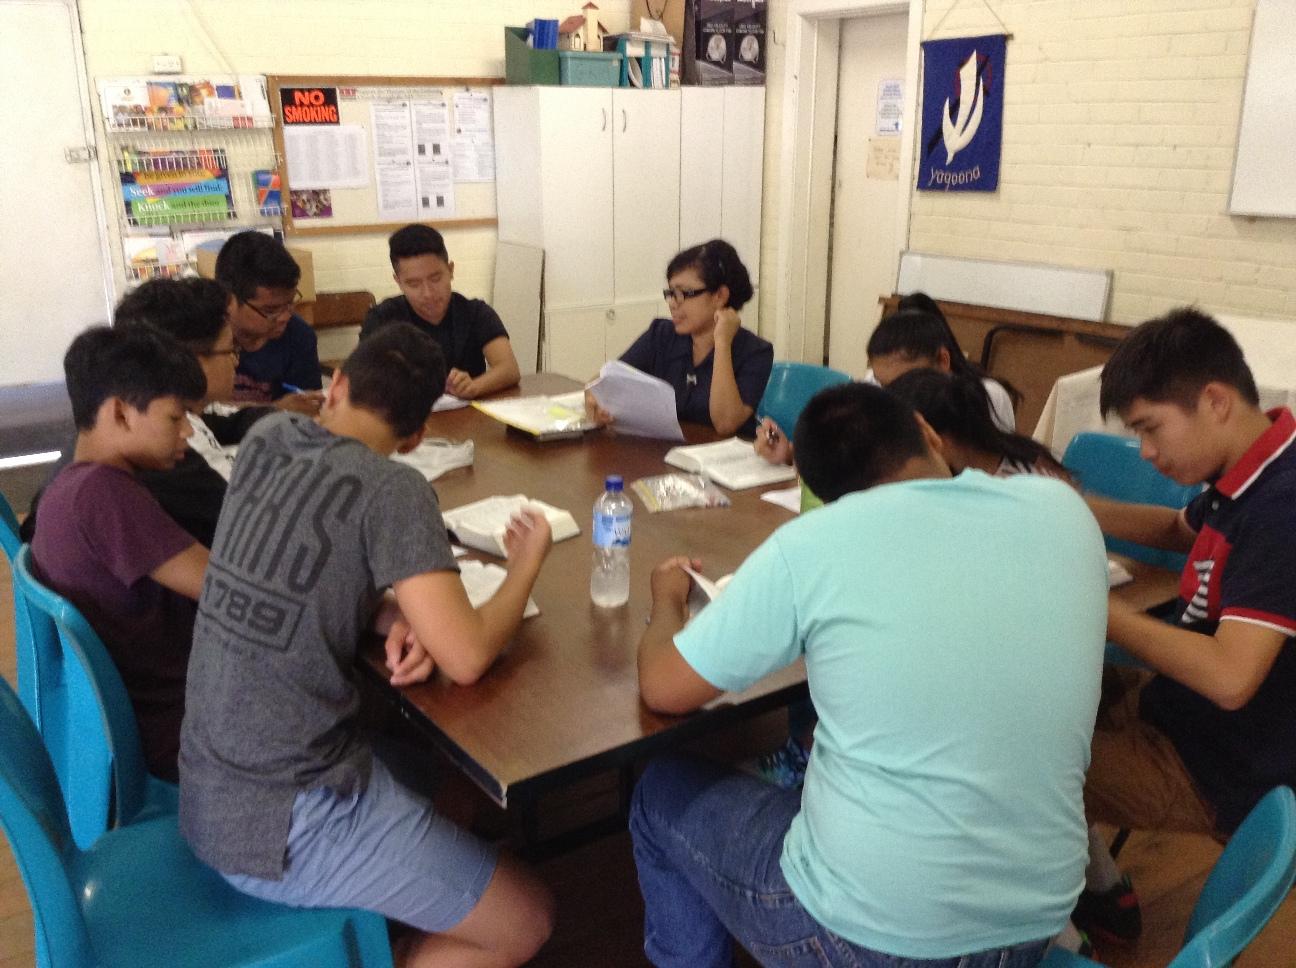 Sunday School class 3